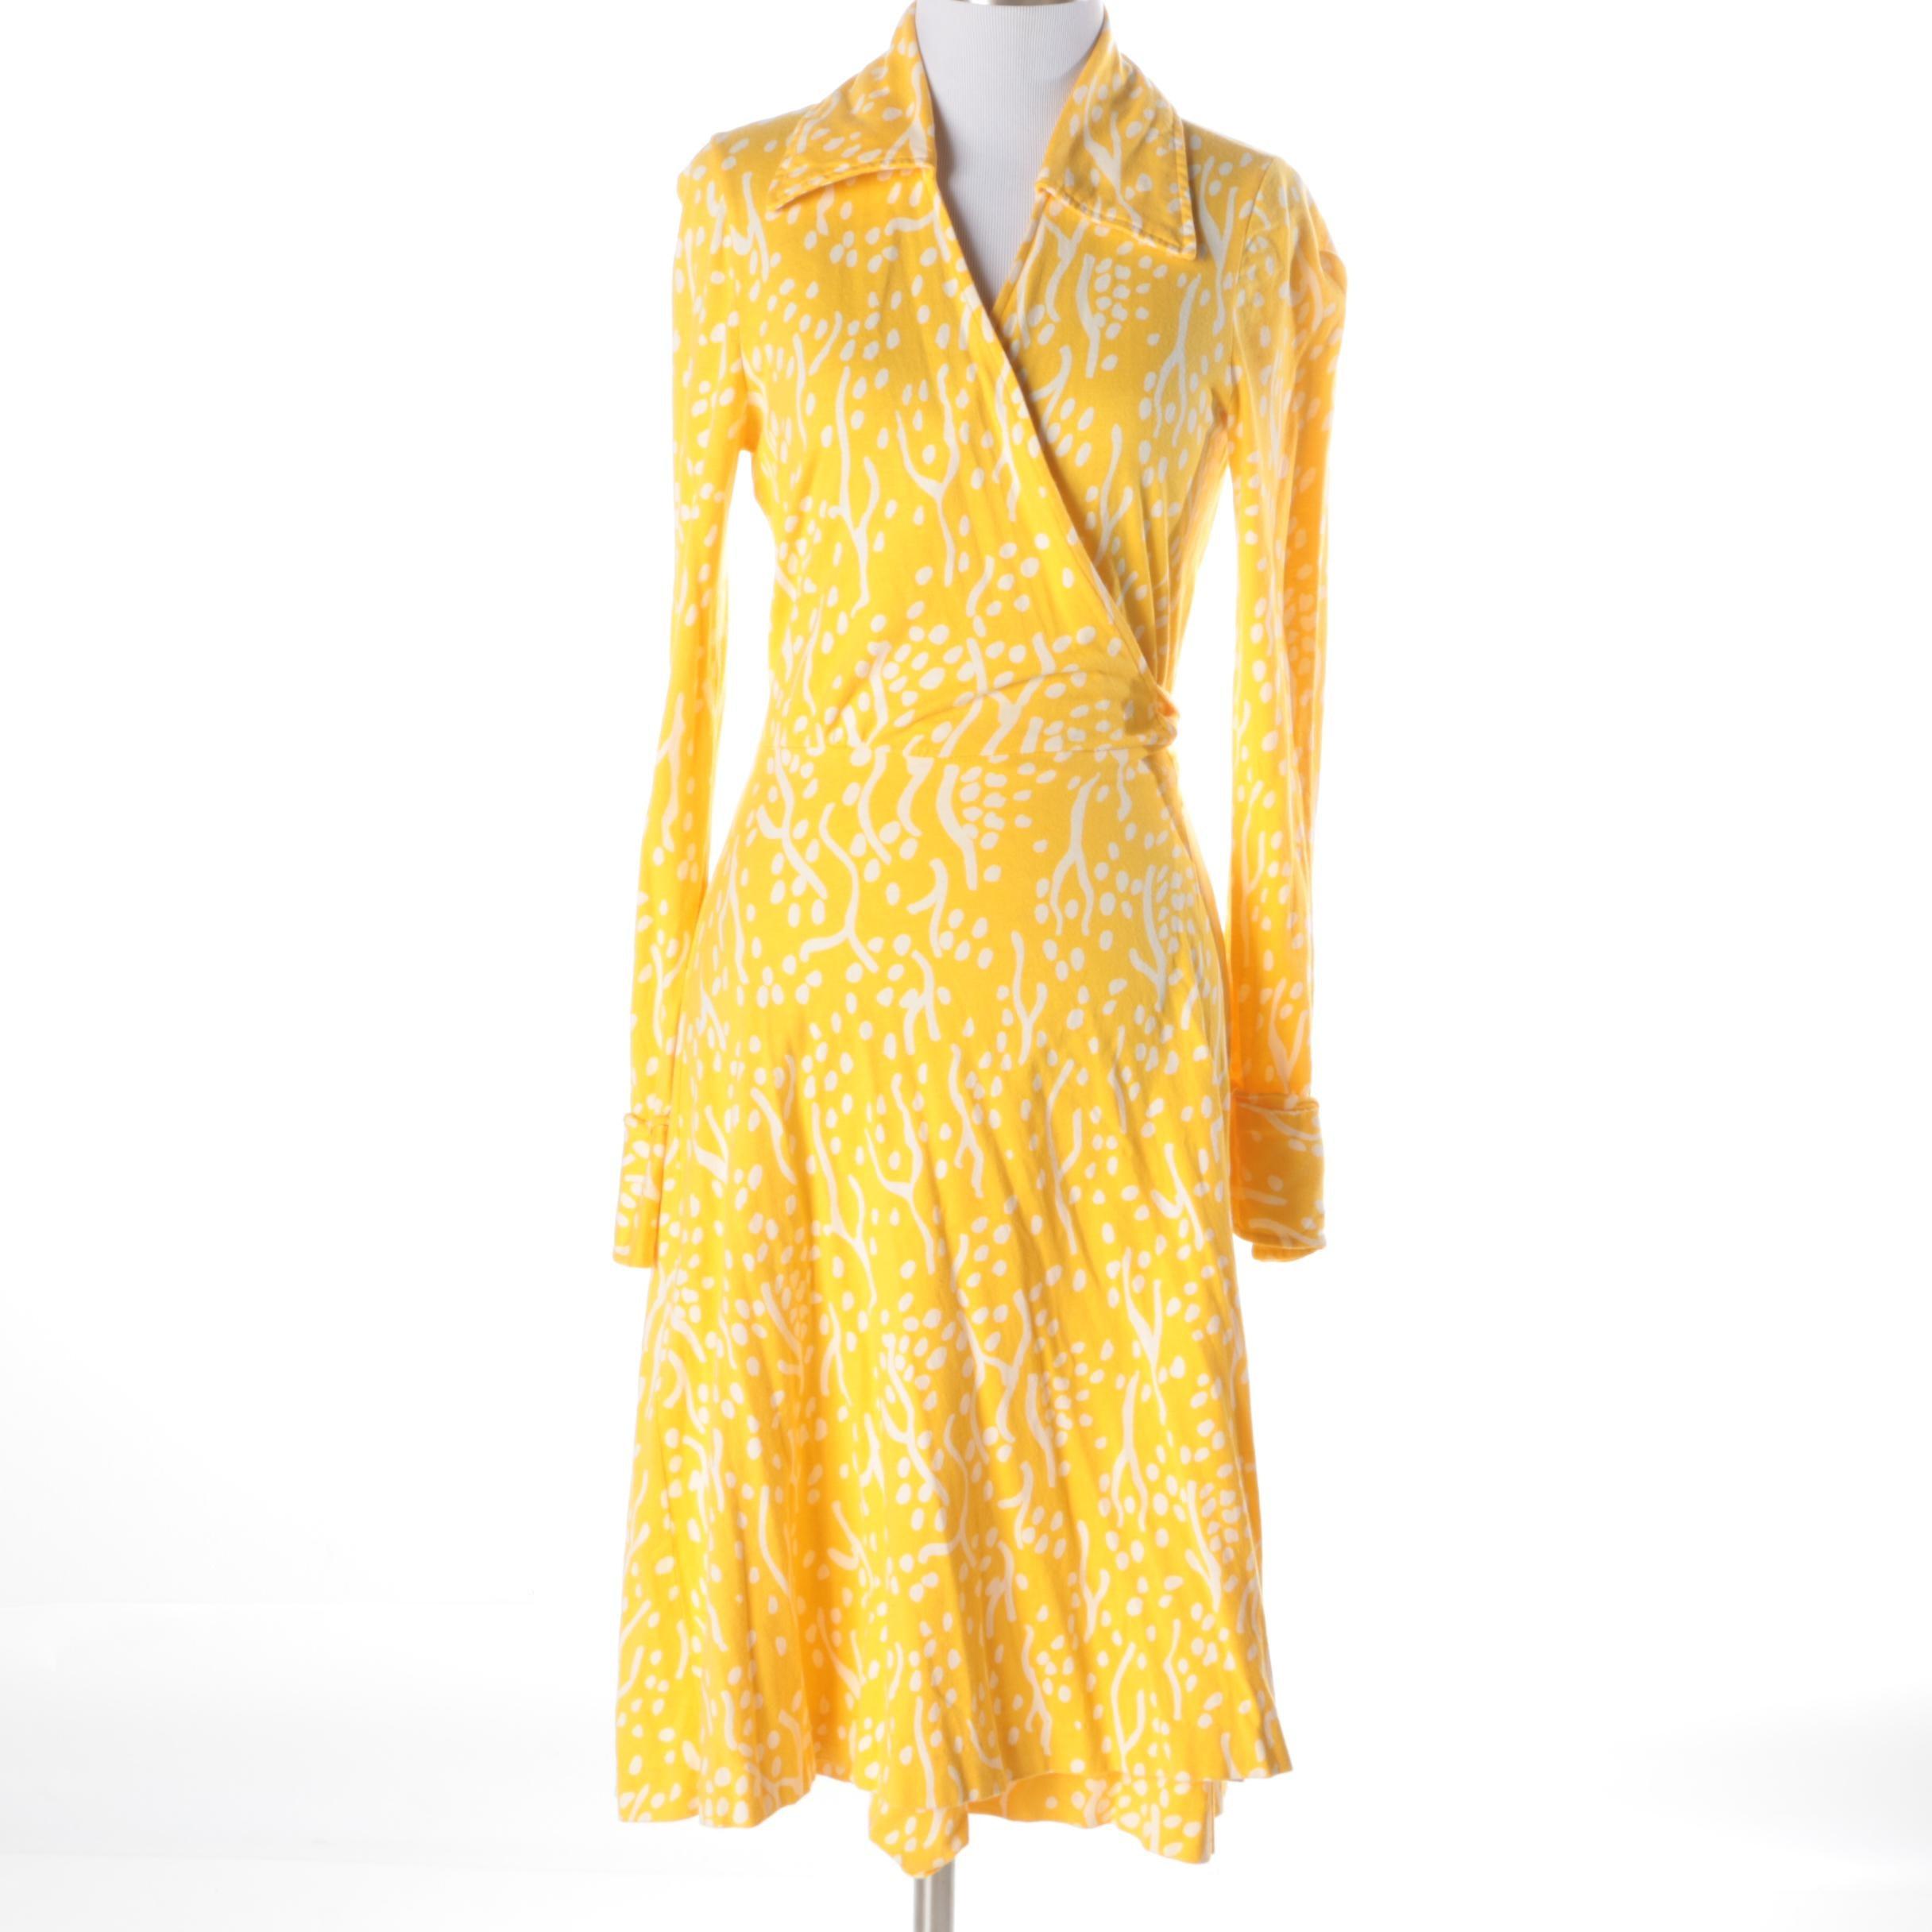 Late 1970s Vintage Diane von Furstenberg Yellow Wrap Dress